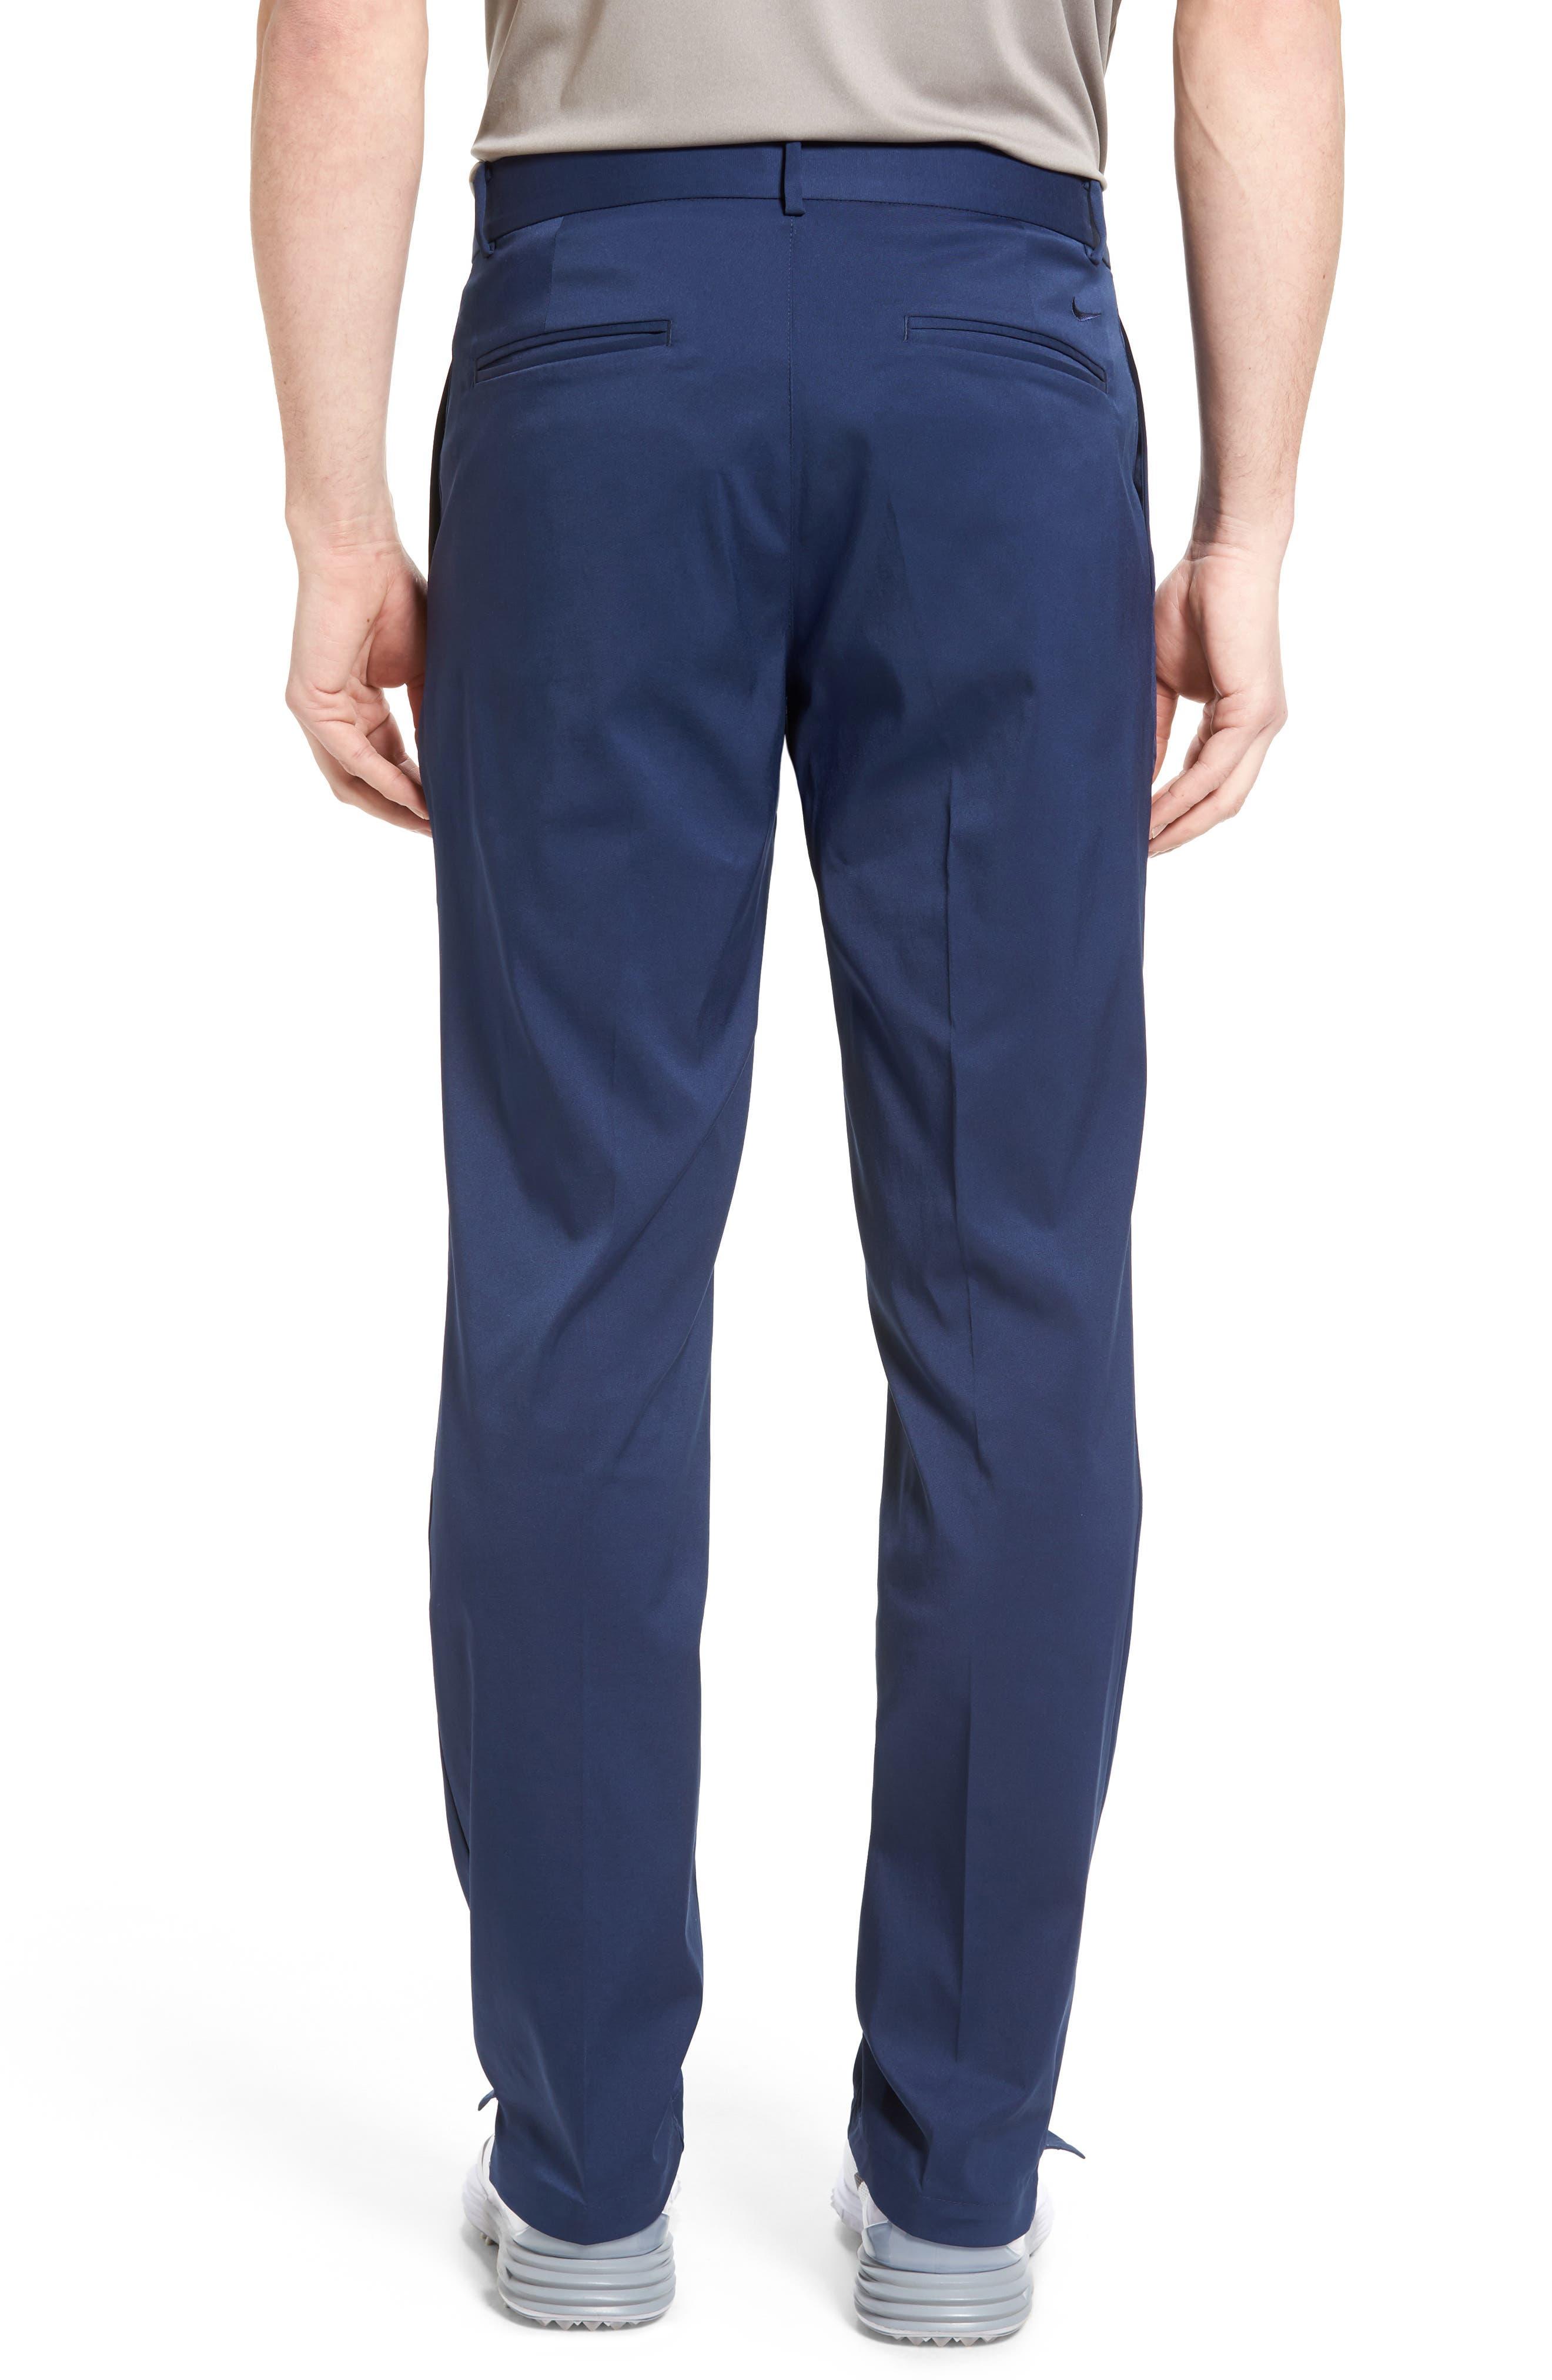 Flat Front Dri-FIT Tech Golf Pants,                             Alternate thumbnail 17, color,